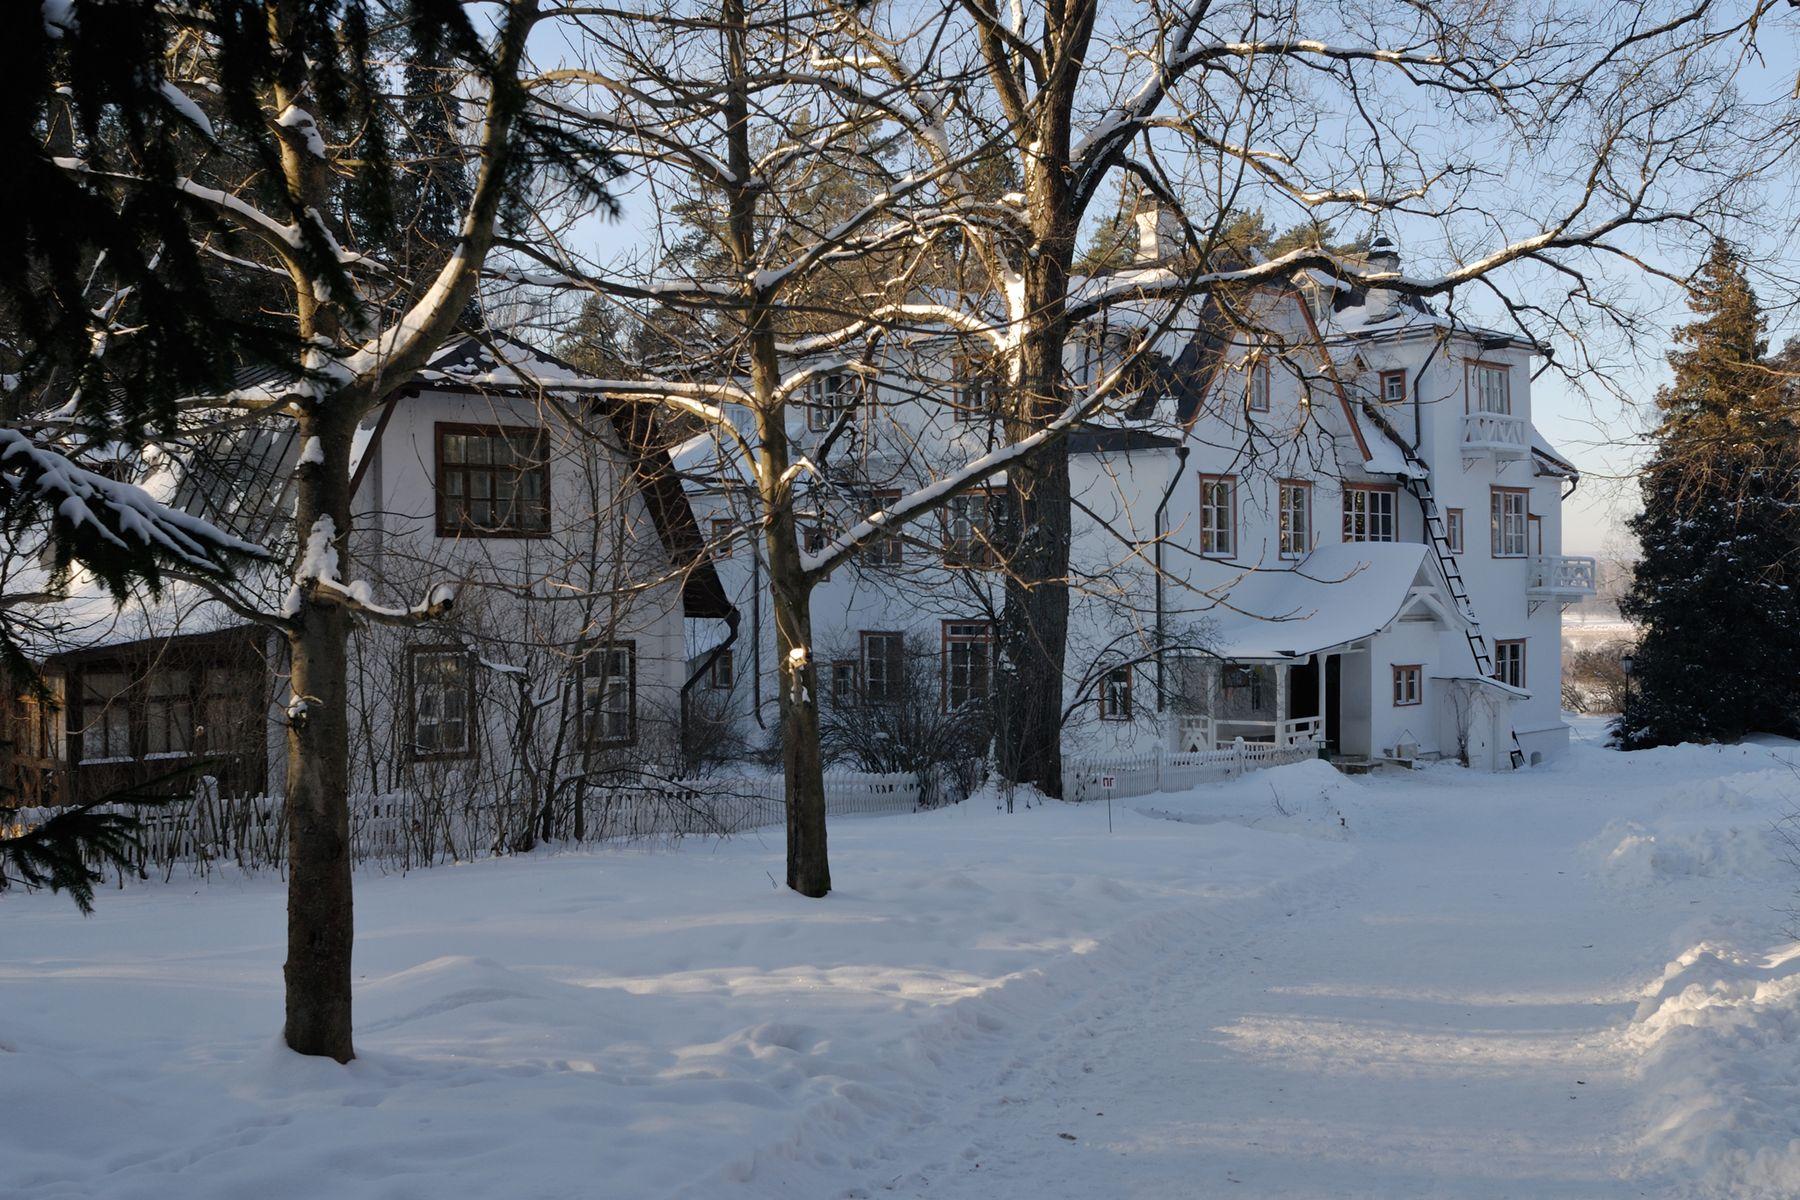 Усадьба Поленово зимой Россия Тульская область Поленово усадьба зима